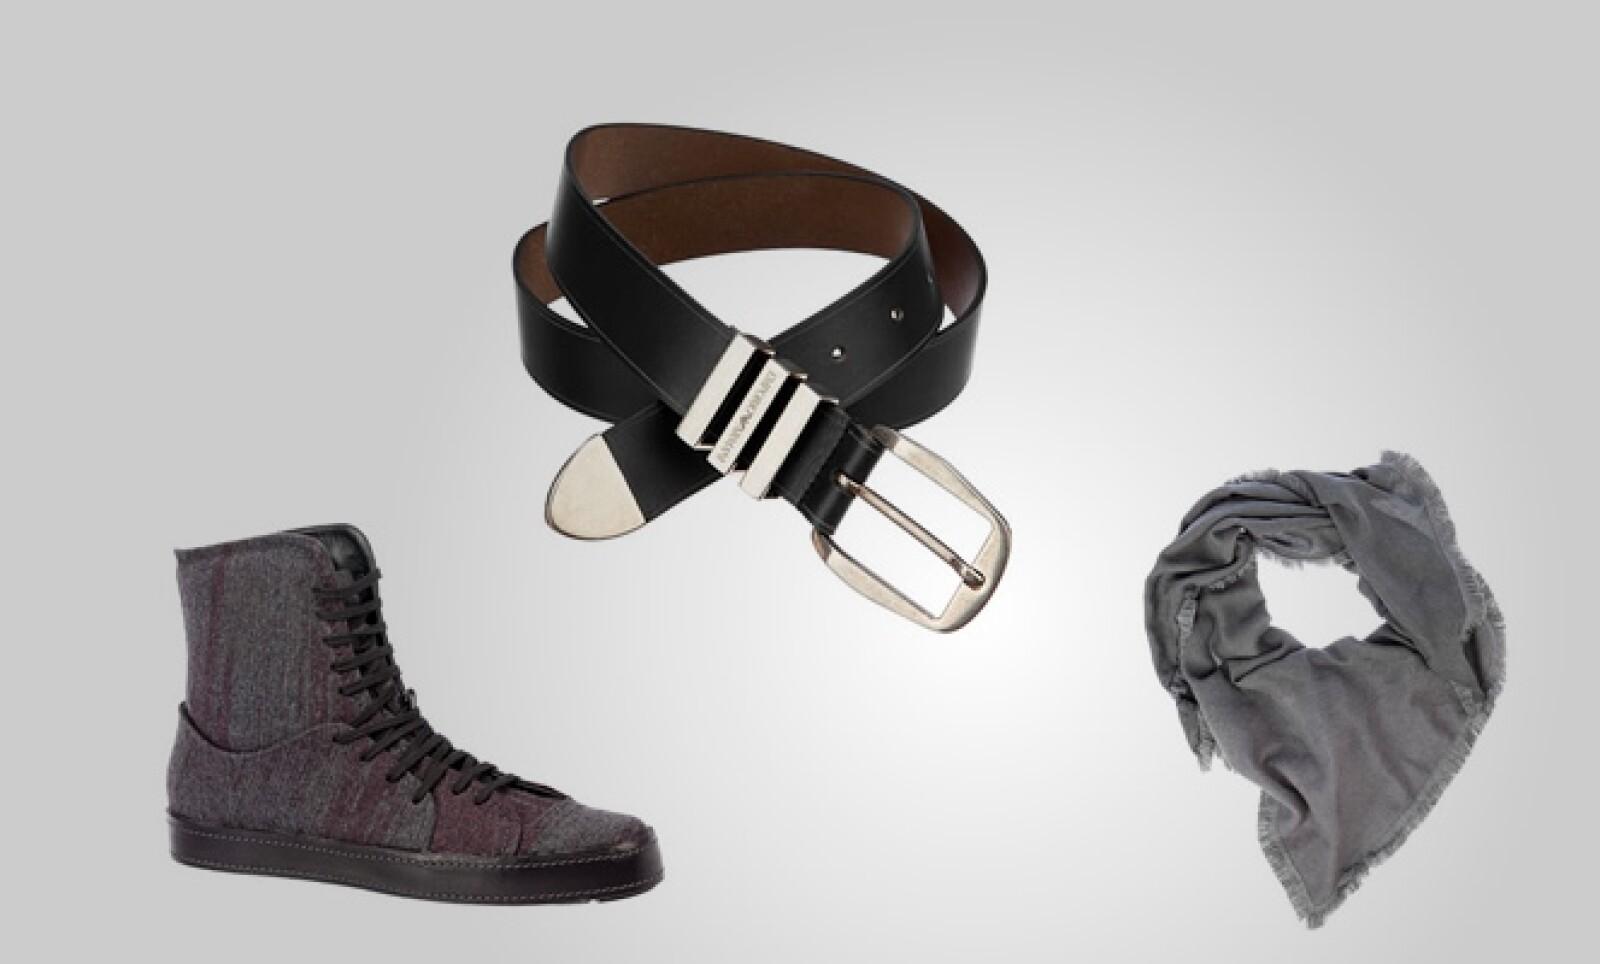 Emporio Armani (EA) presentó su nueva colección para la temporada de otoño-invierno de este 2011.